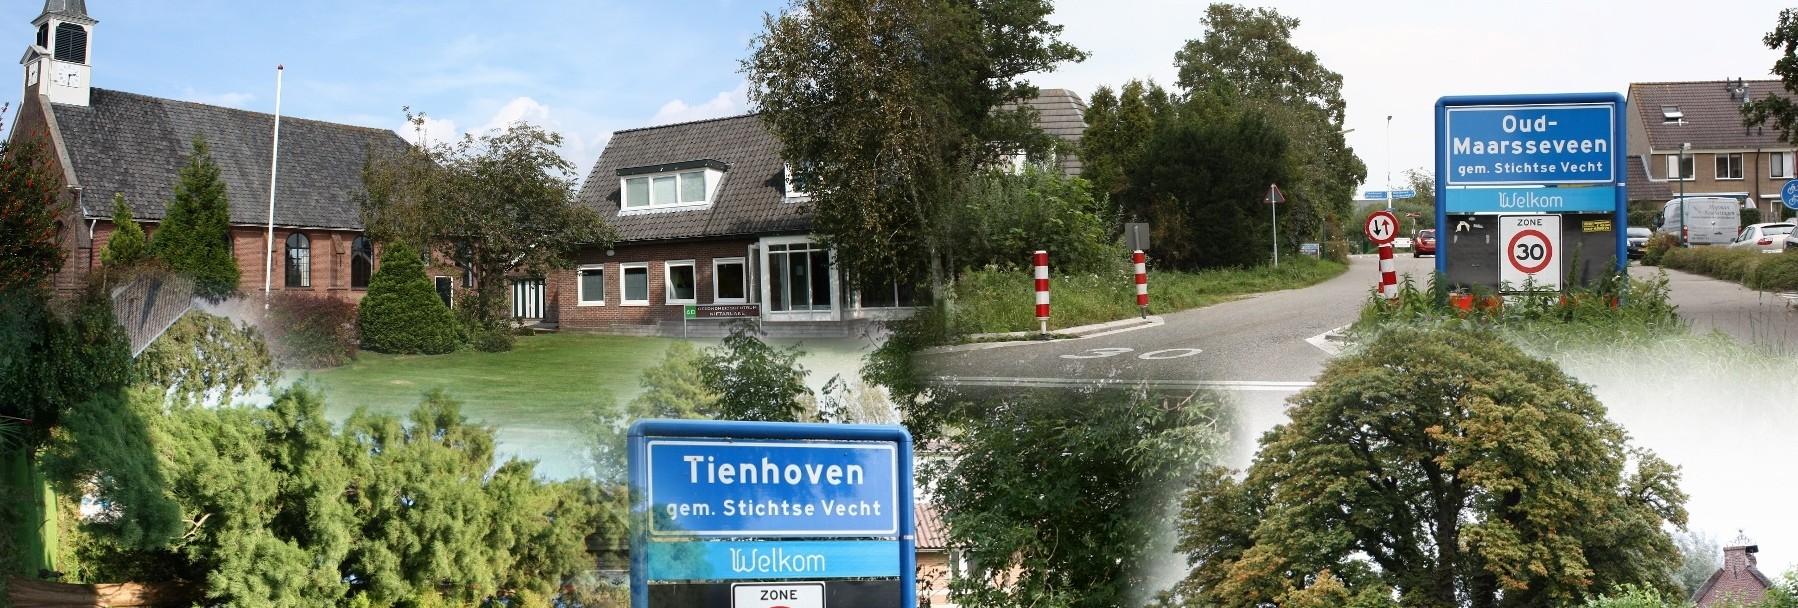 Bewoners vereniging Tienhoven & Oud-Maarsseveen